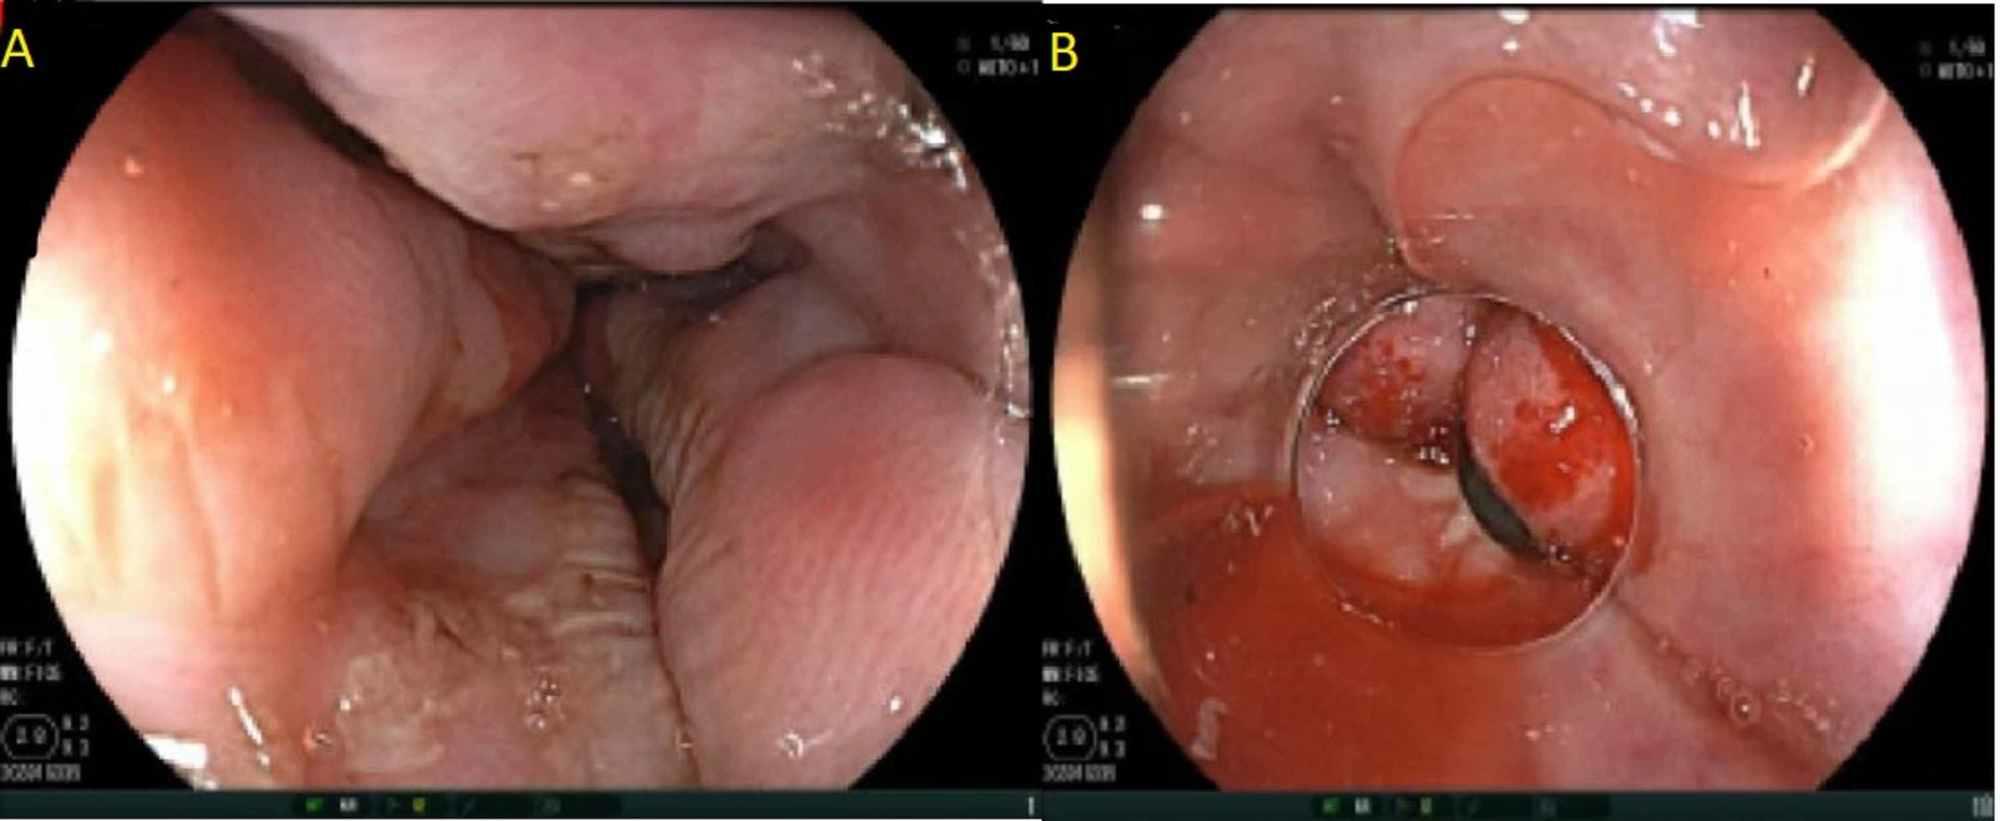 human papillomavirus (hpv) and genital warts anthelmintic activity of allium sativum